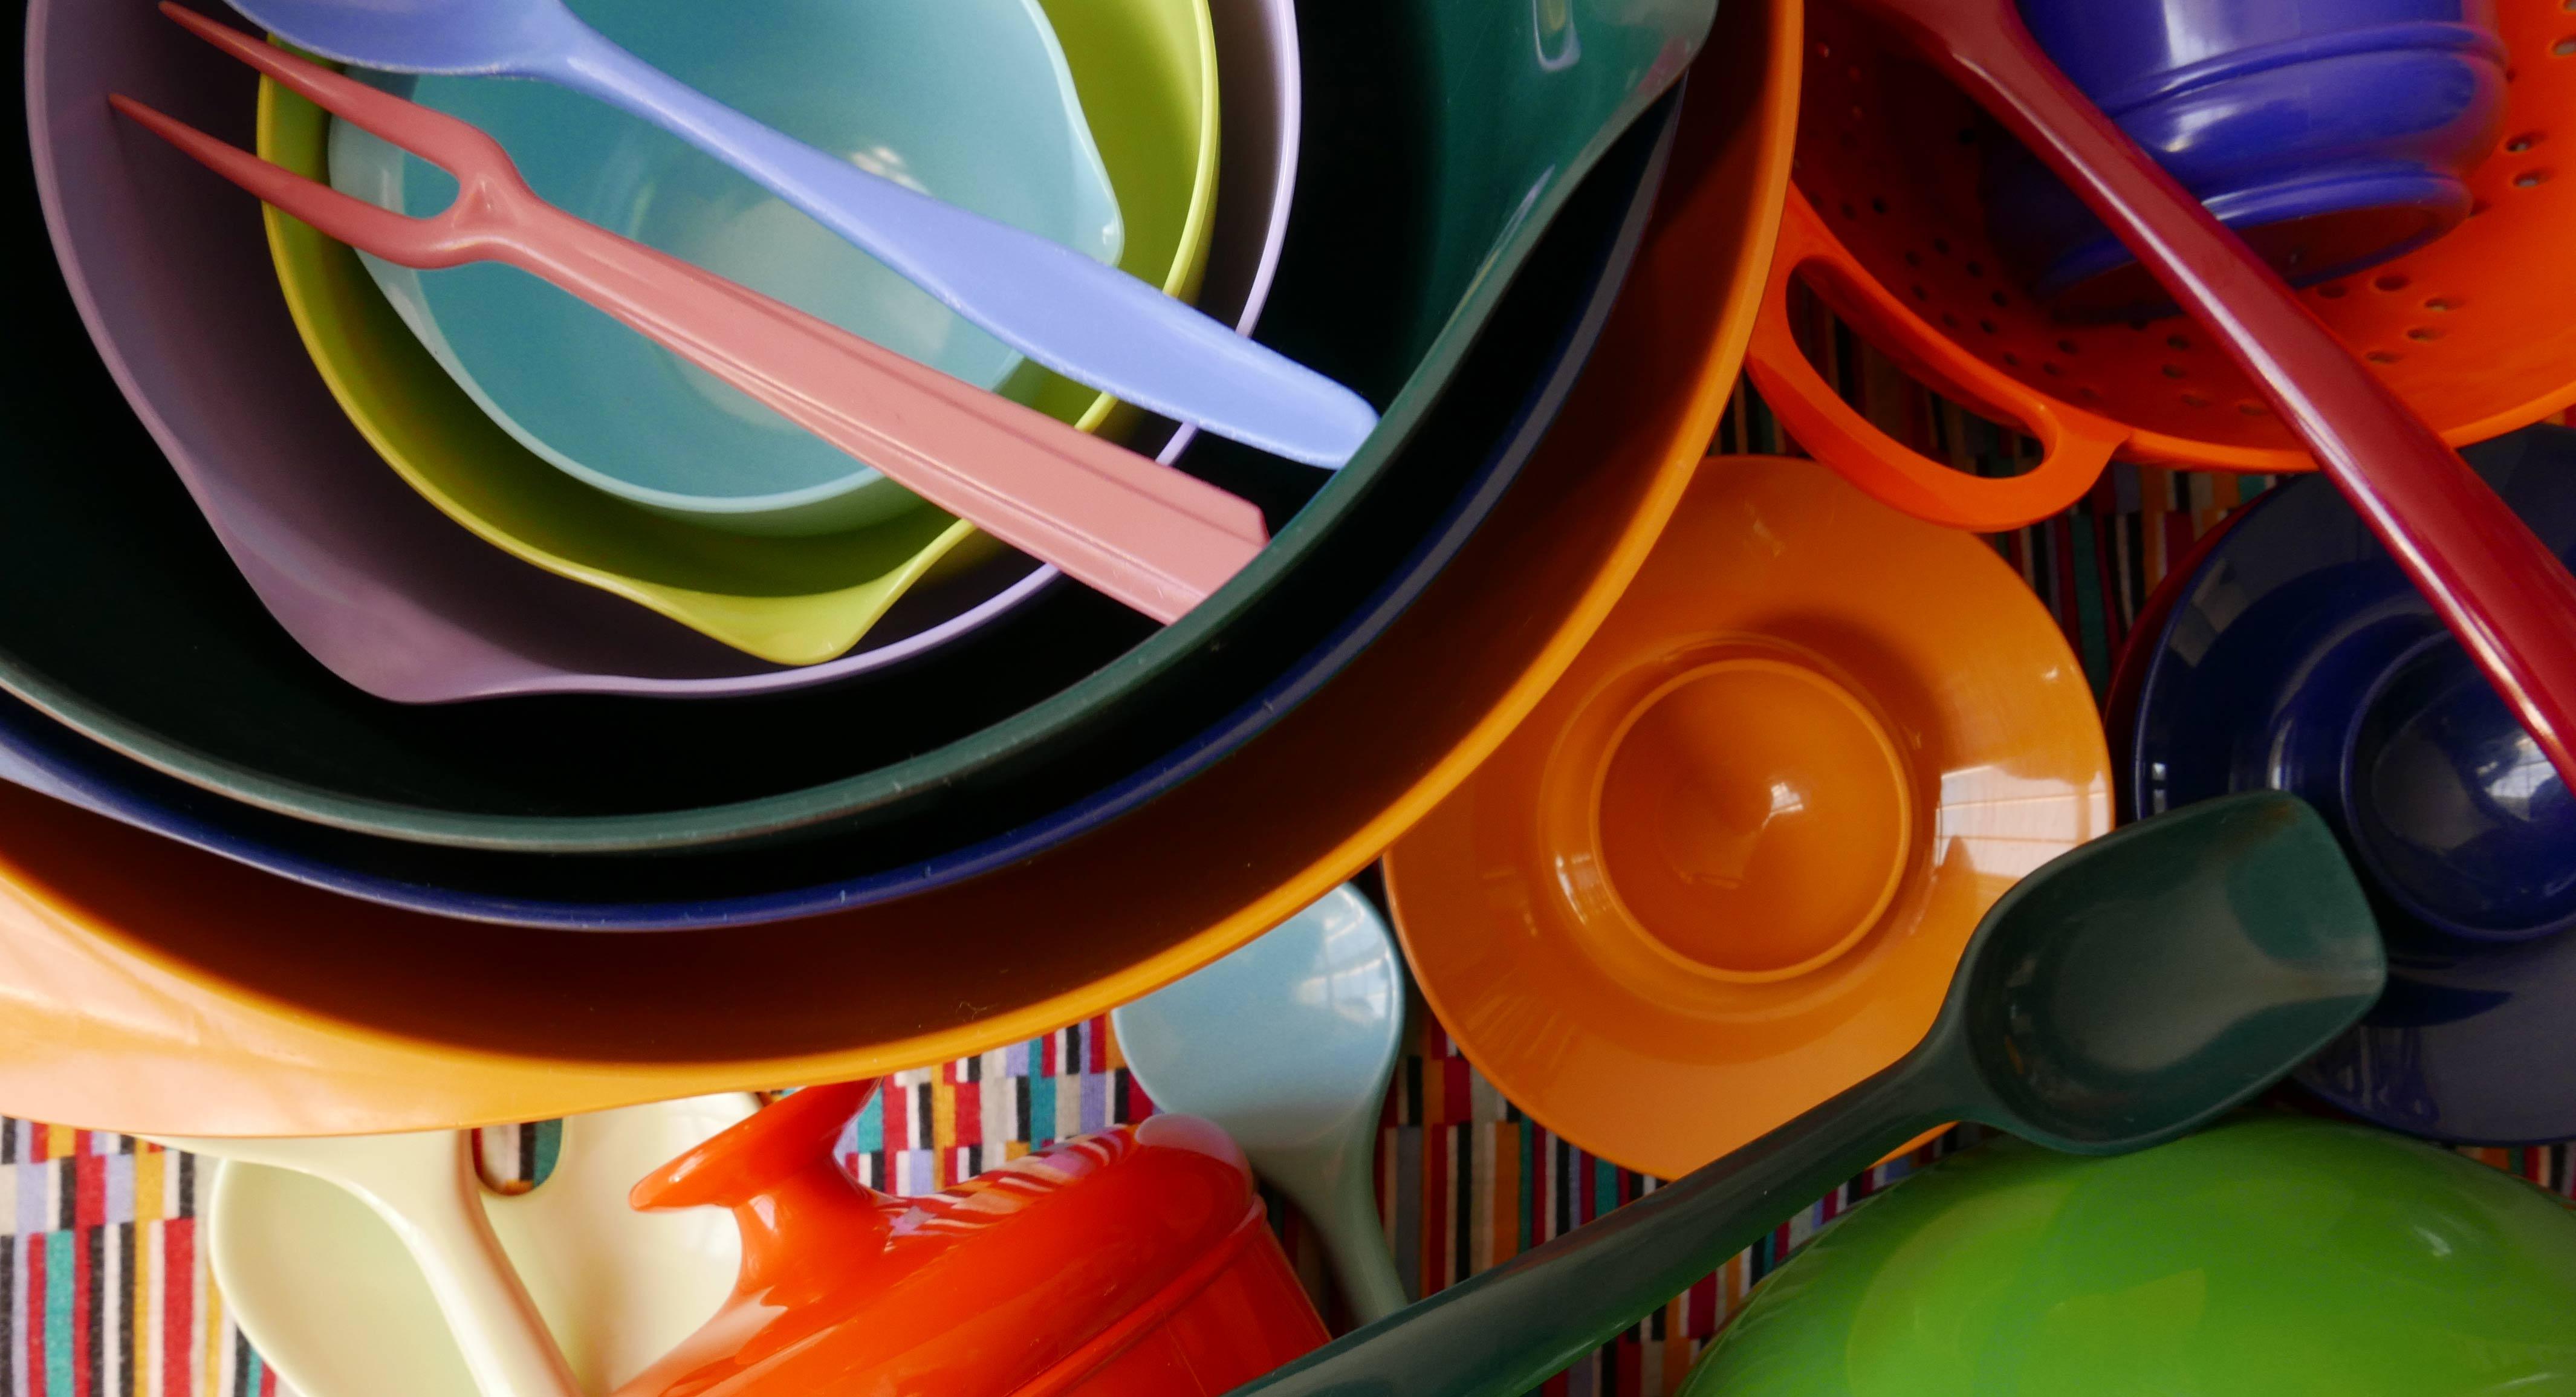 Küchenutensilien aus Plastik Kunststoff Schalen Löffel Eierbecher